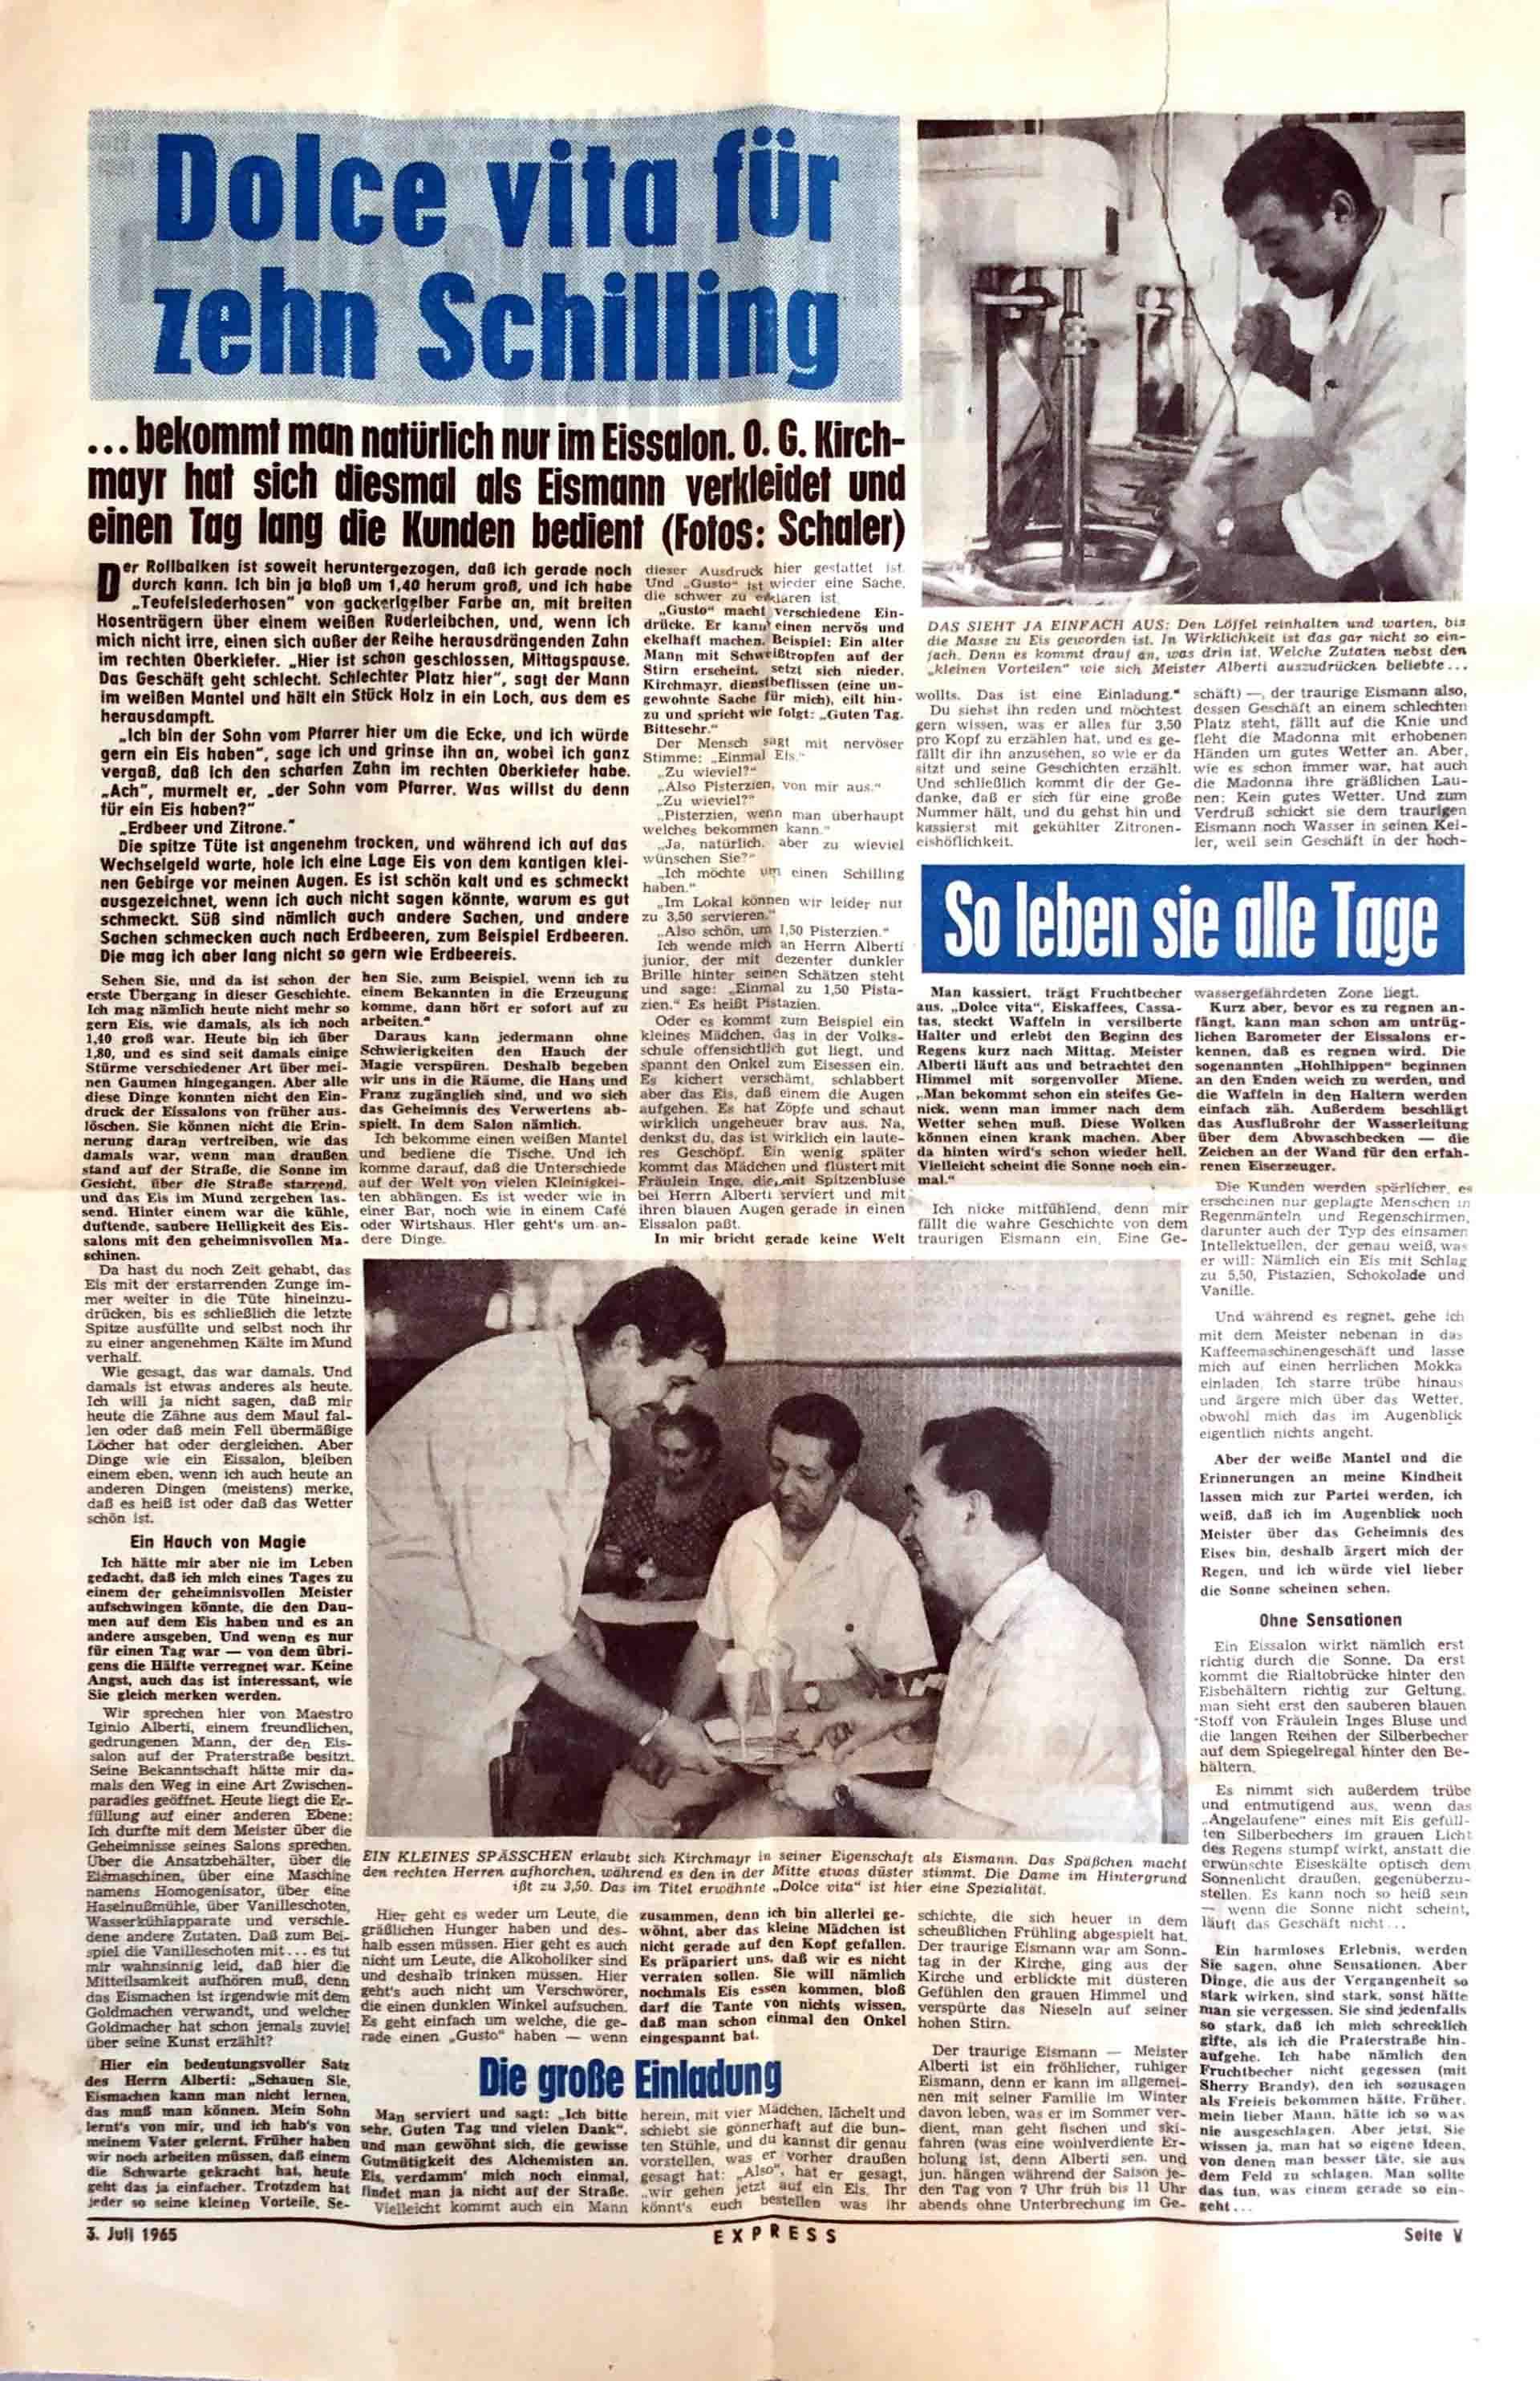 artikel 1965